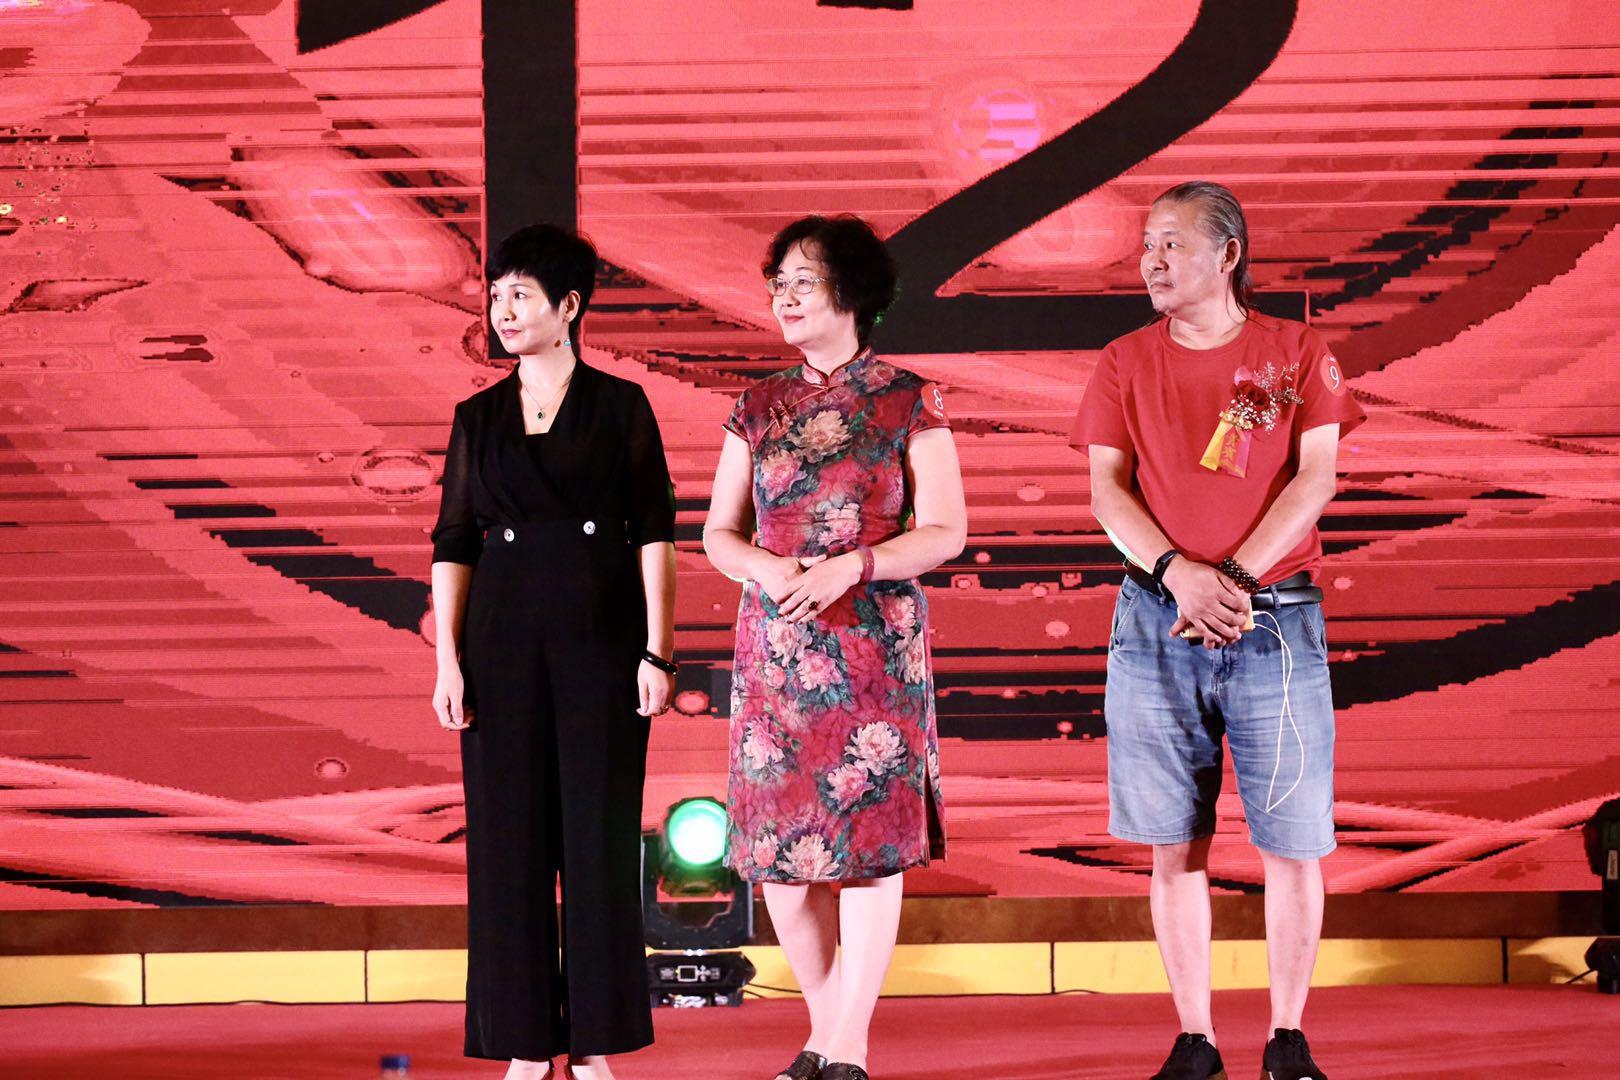 东莞折扣网如何服务总裁沙龙的企业家【绿芽君】 广告联盟 第1张